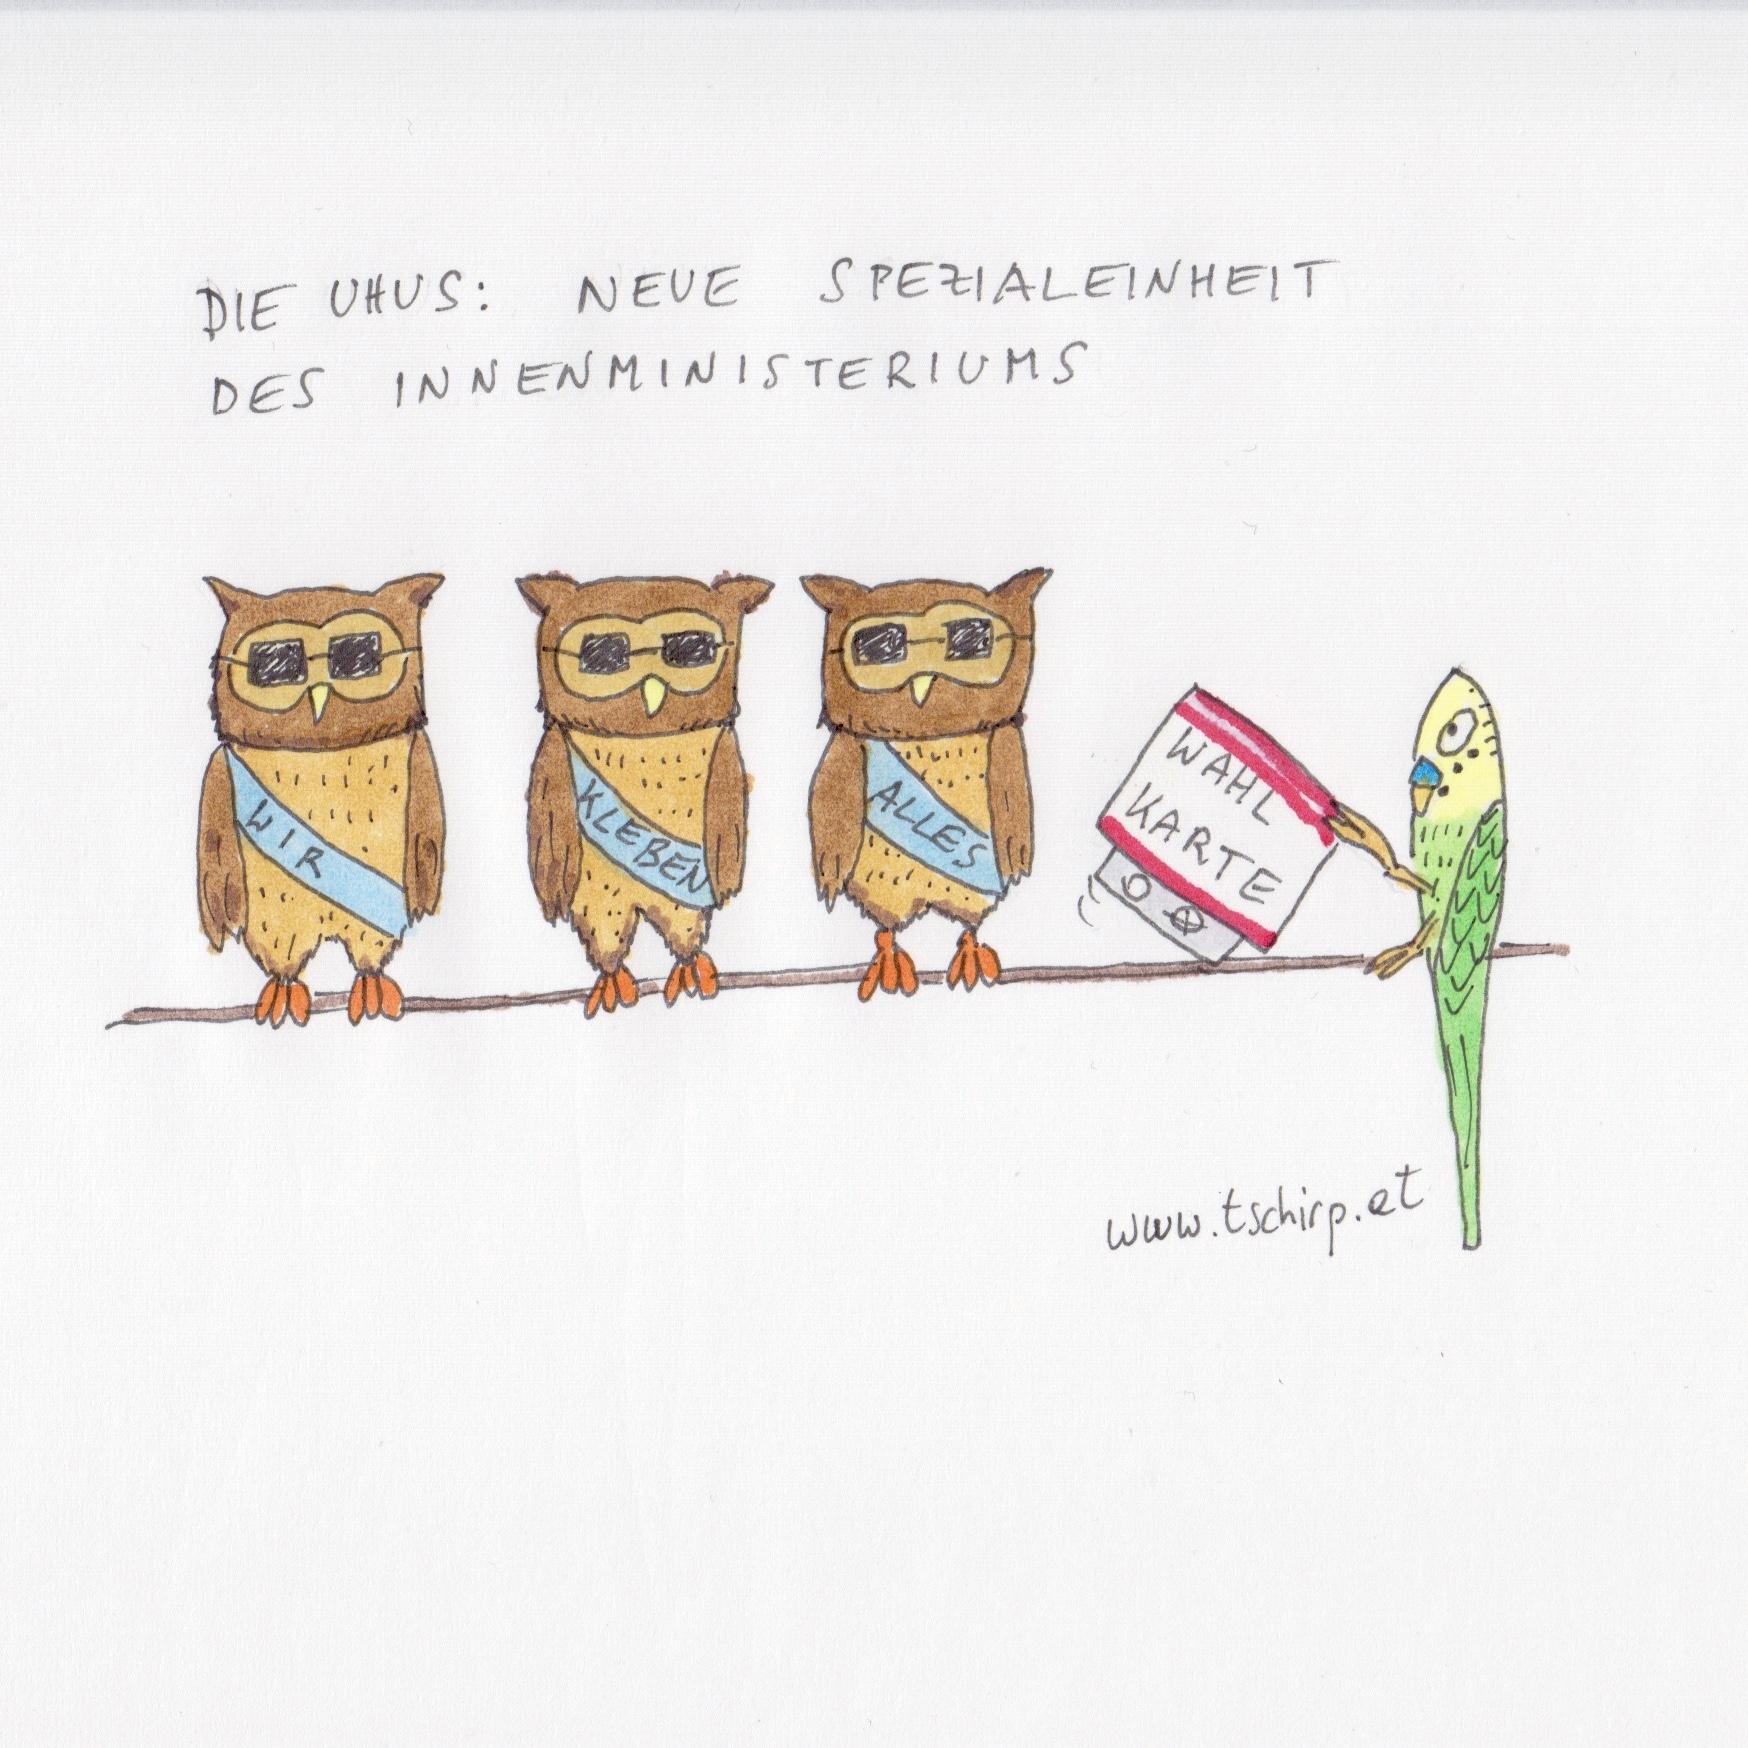 Briefwahl, Innenministerium, Bundespräsidentschaftswahl, Österreich, Wellensittich